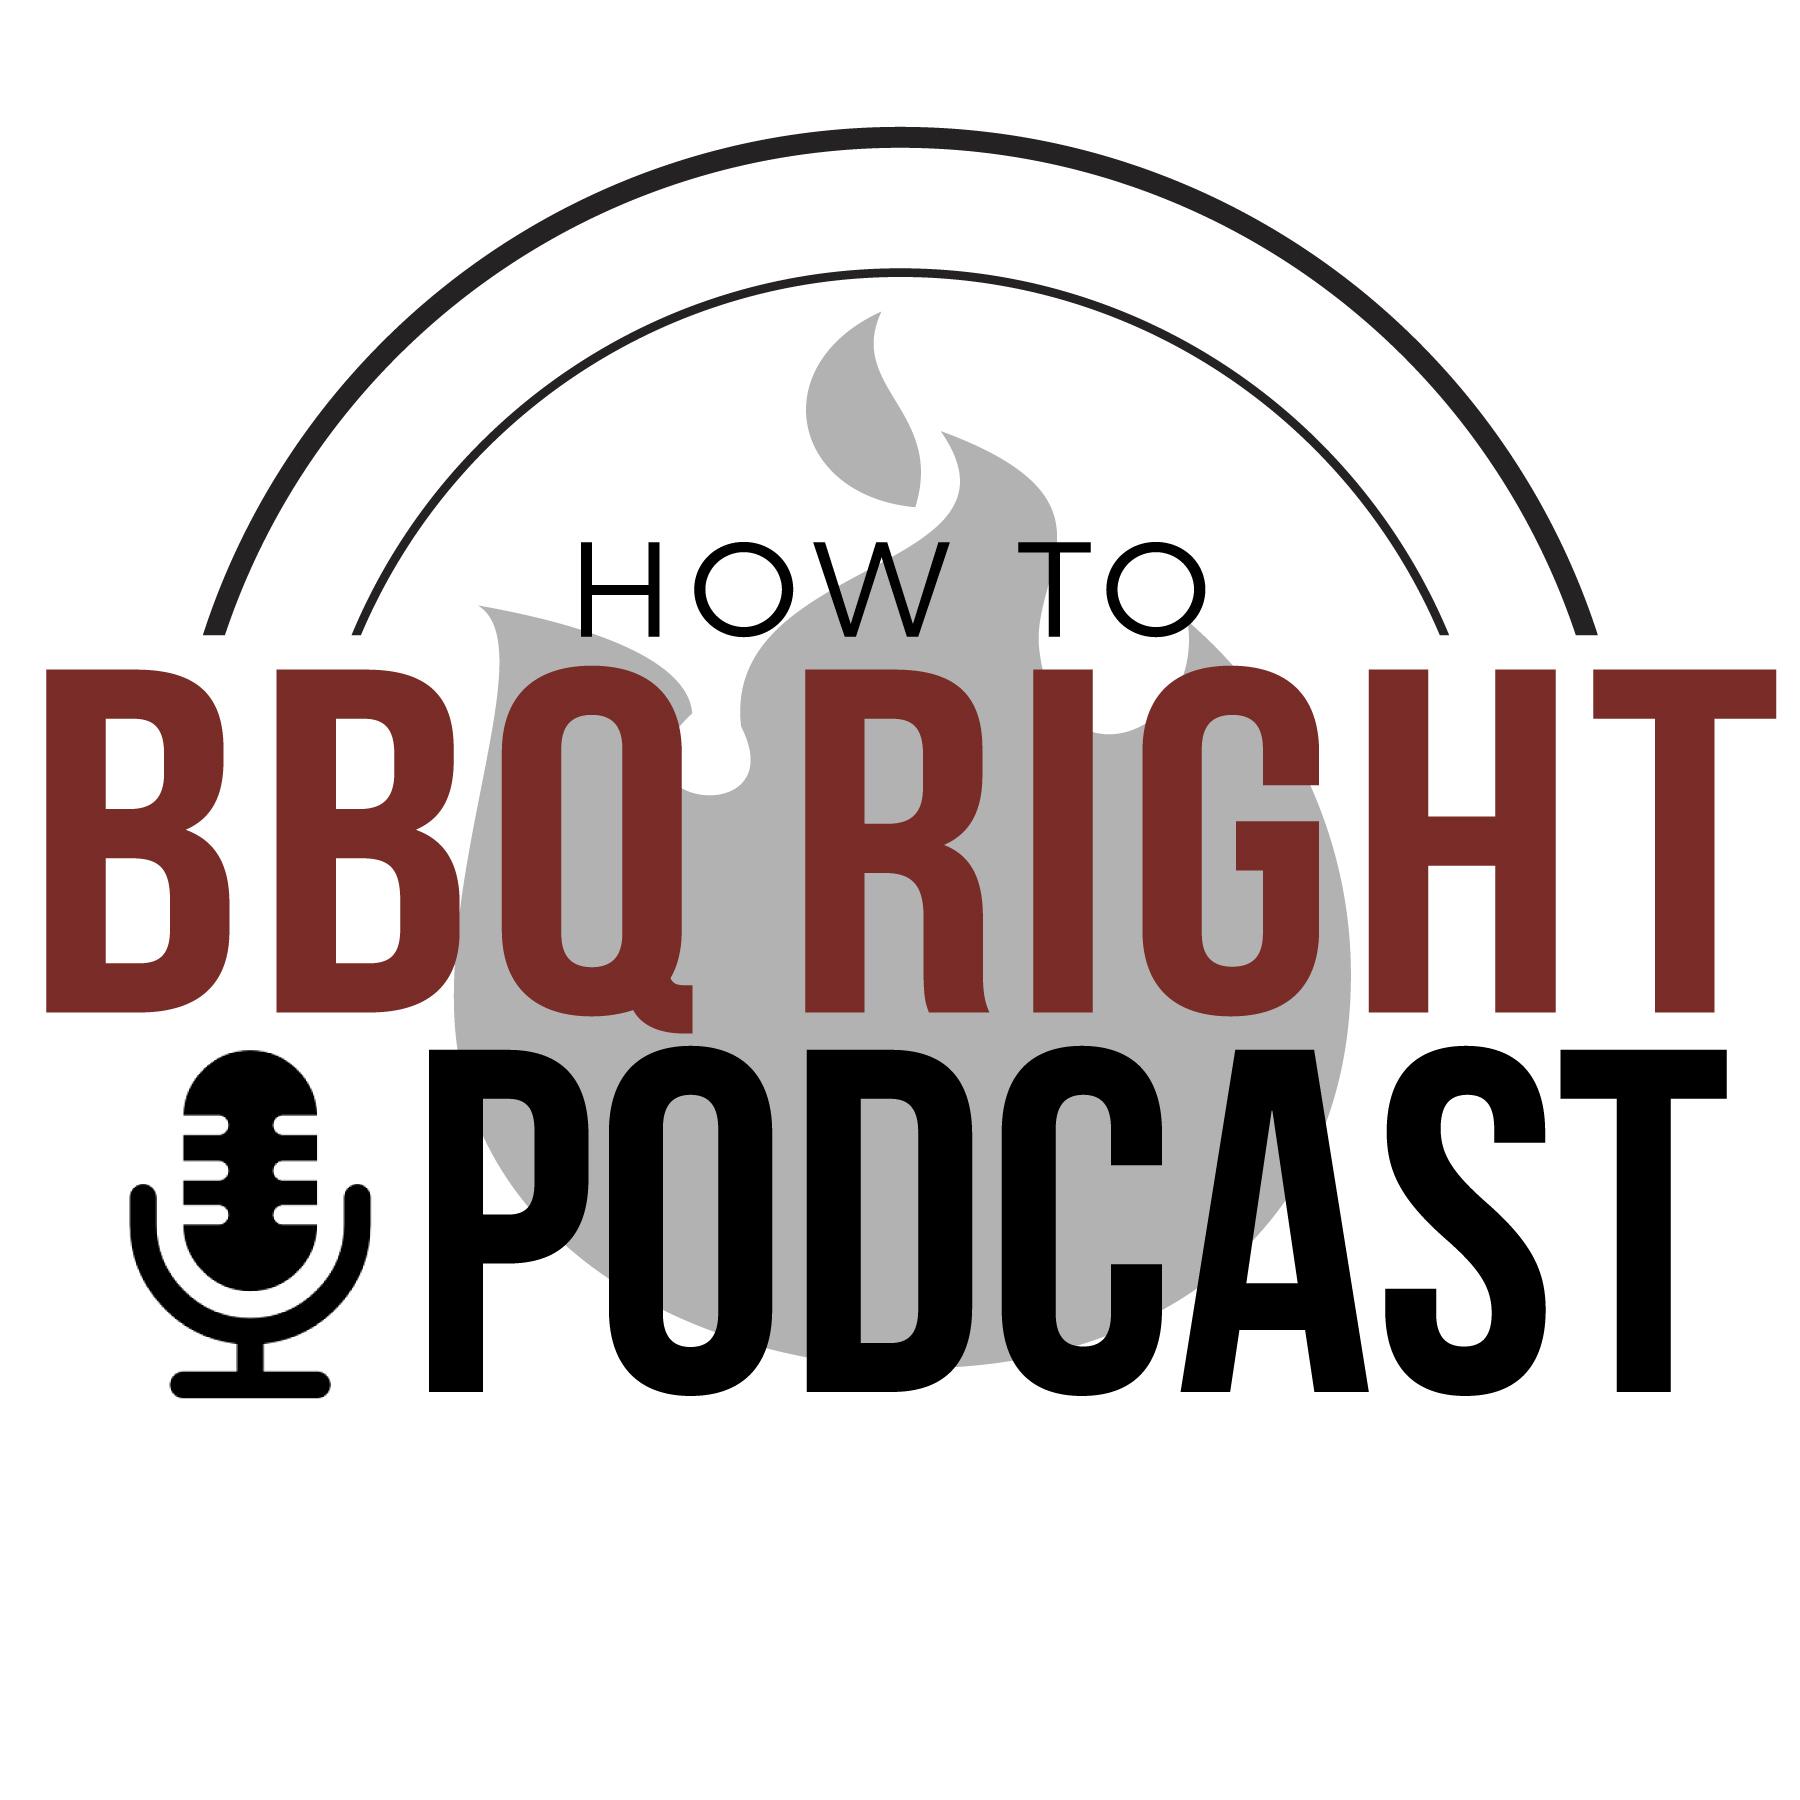 Artwork for Malcom Reed's HowToBBQRight Podcast 30